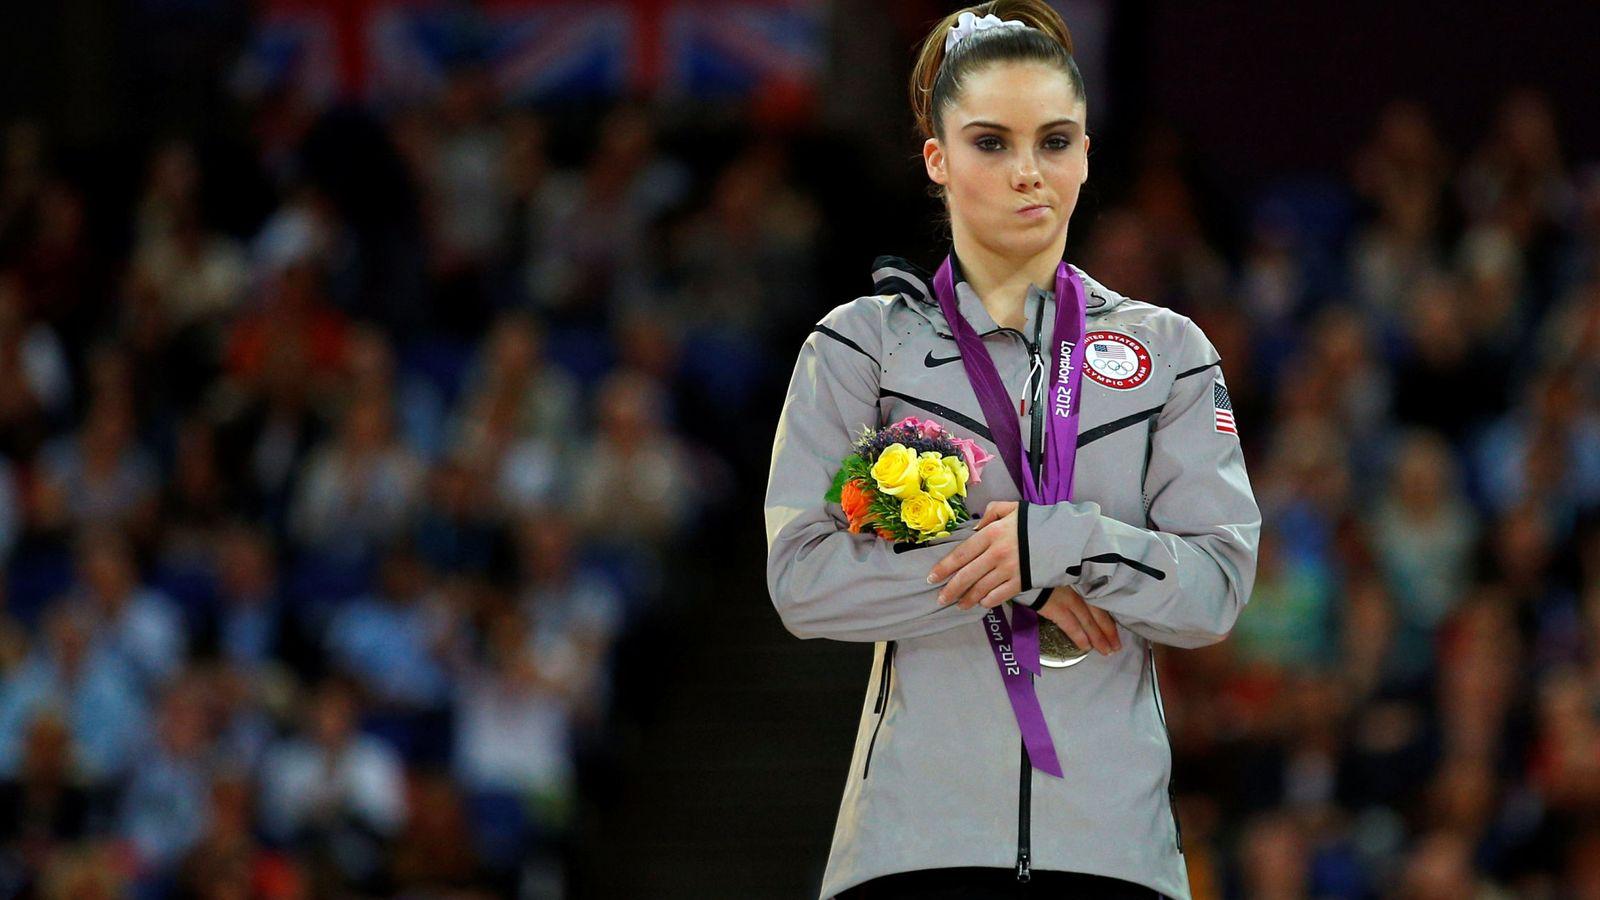 Foto: McKayla Maroney ganó dos medallas en los Juegos Olímpicos de Londres 2012. (Reuters)